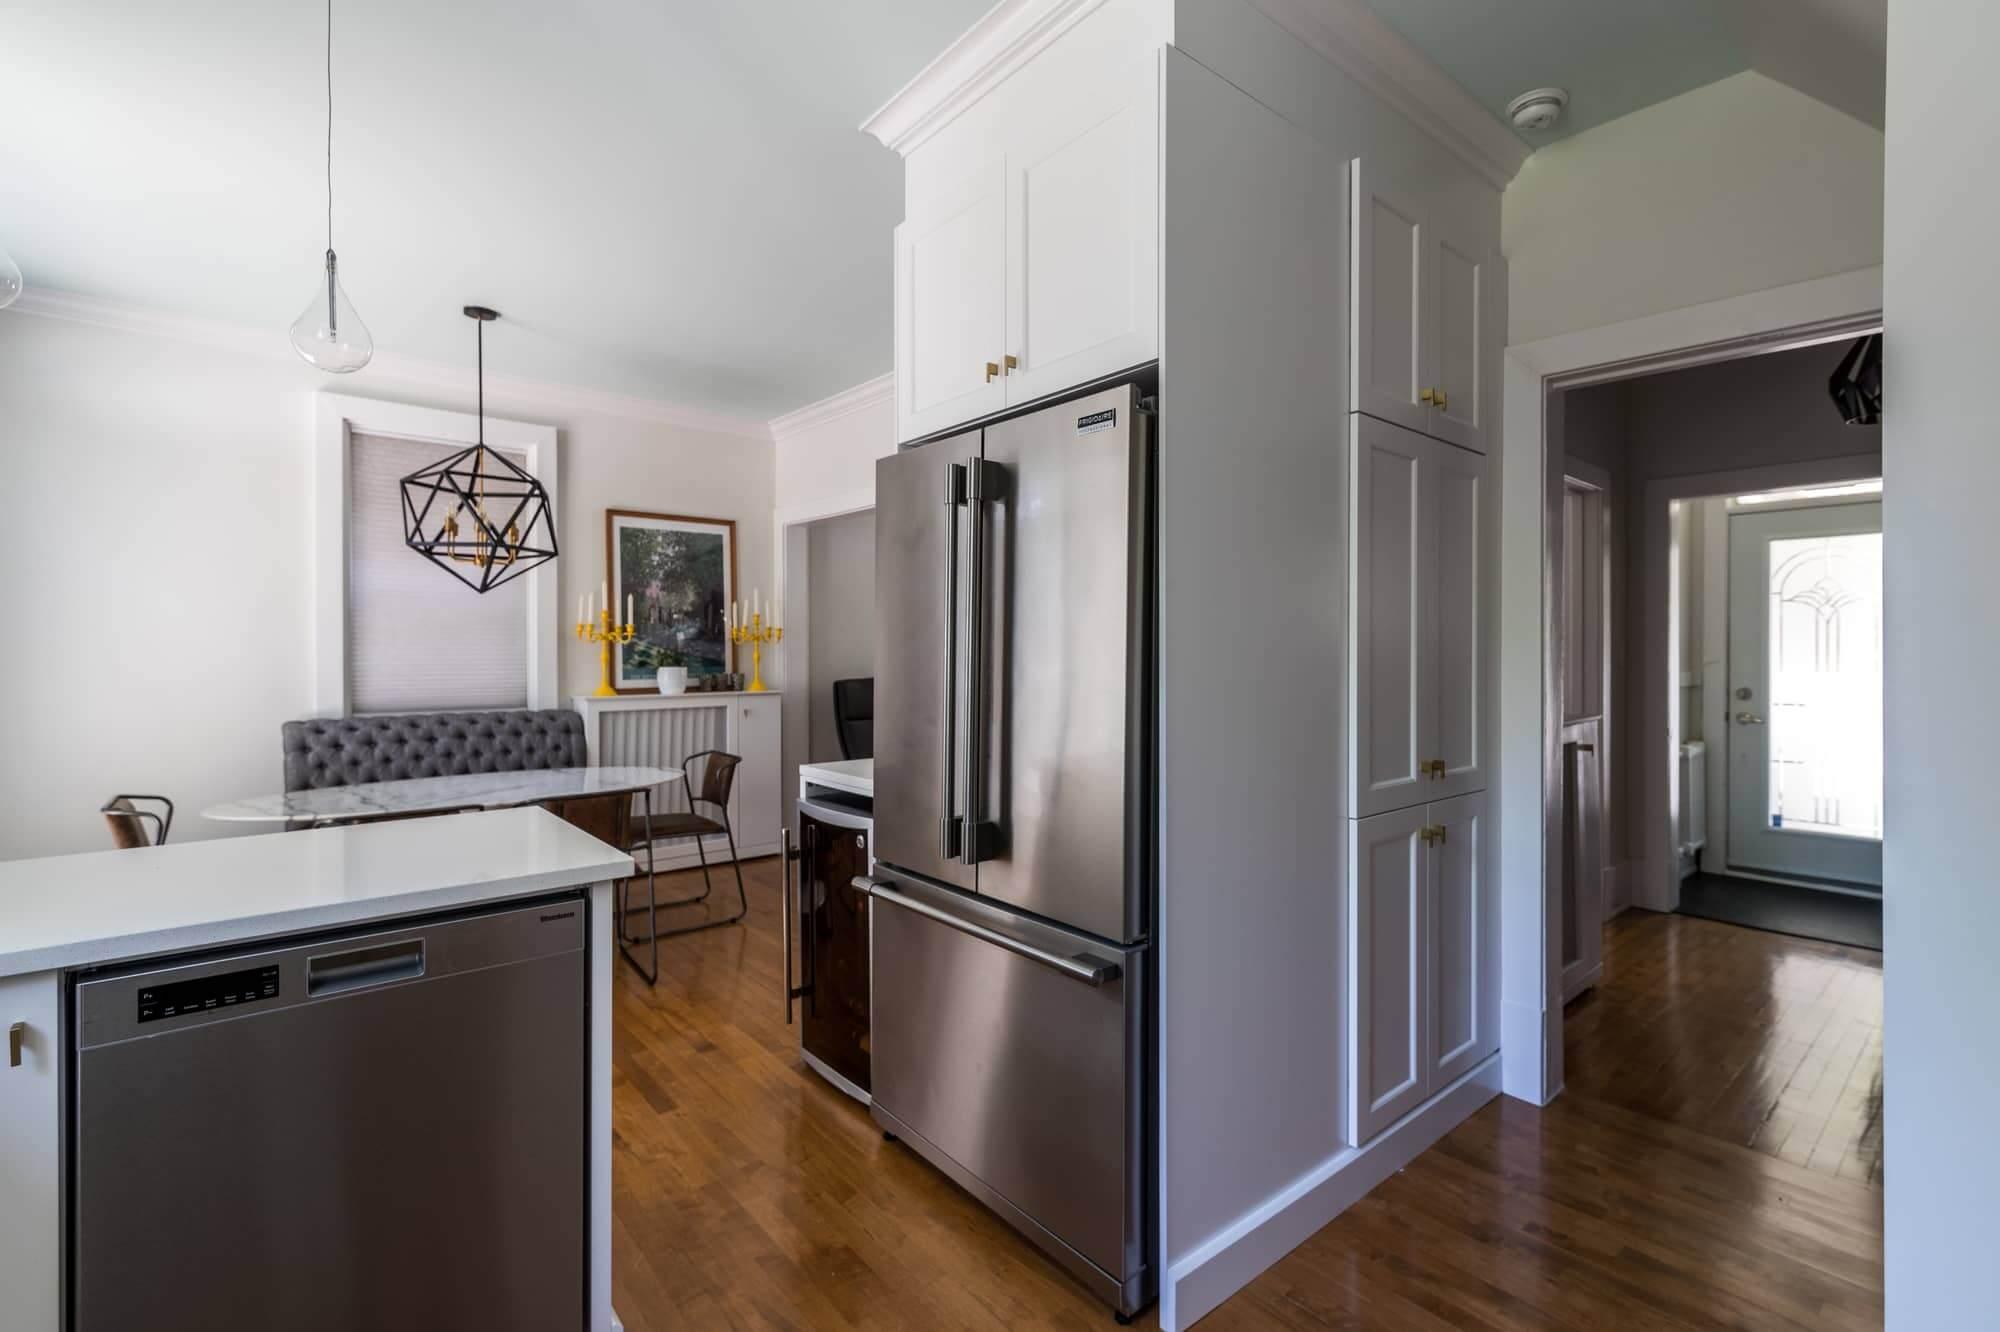 Armoire sur mesure blanche avec réfrigérateur et lave-vaisselle en stainless